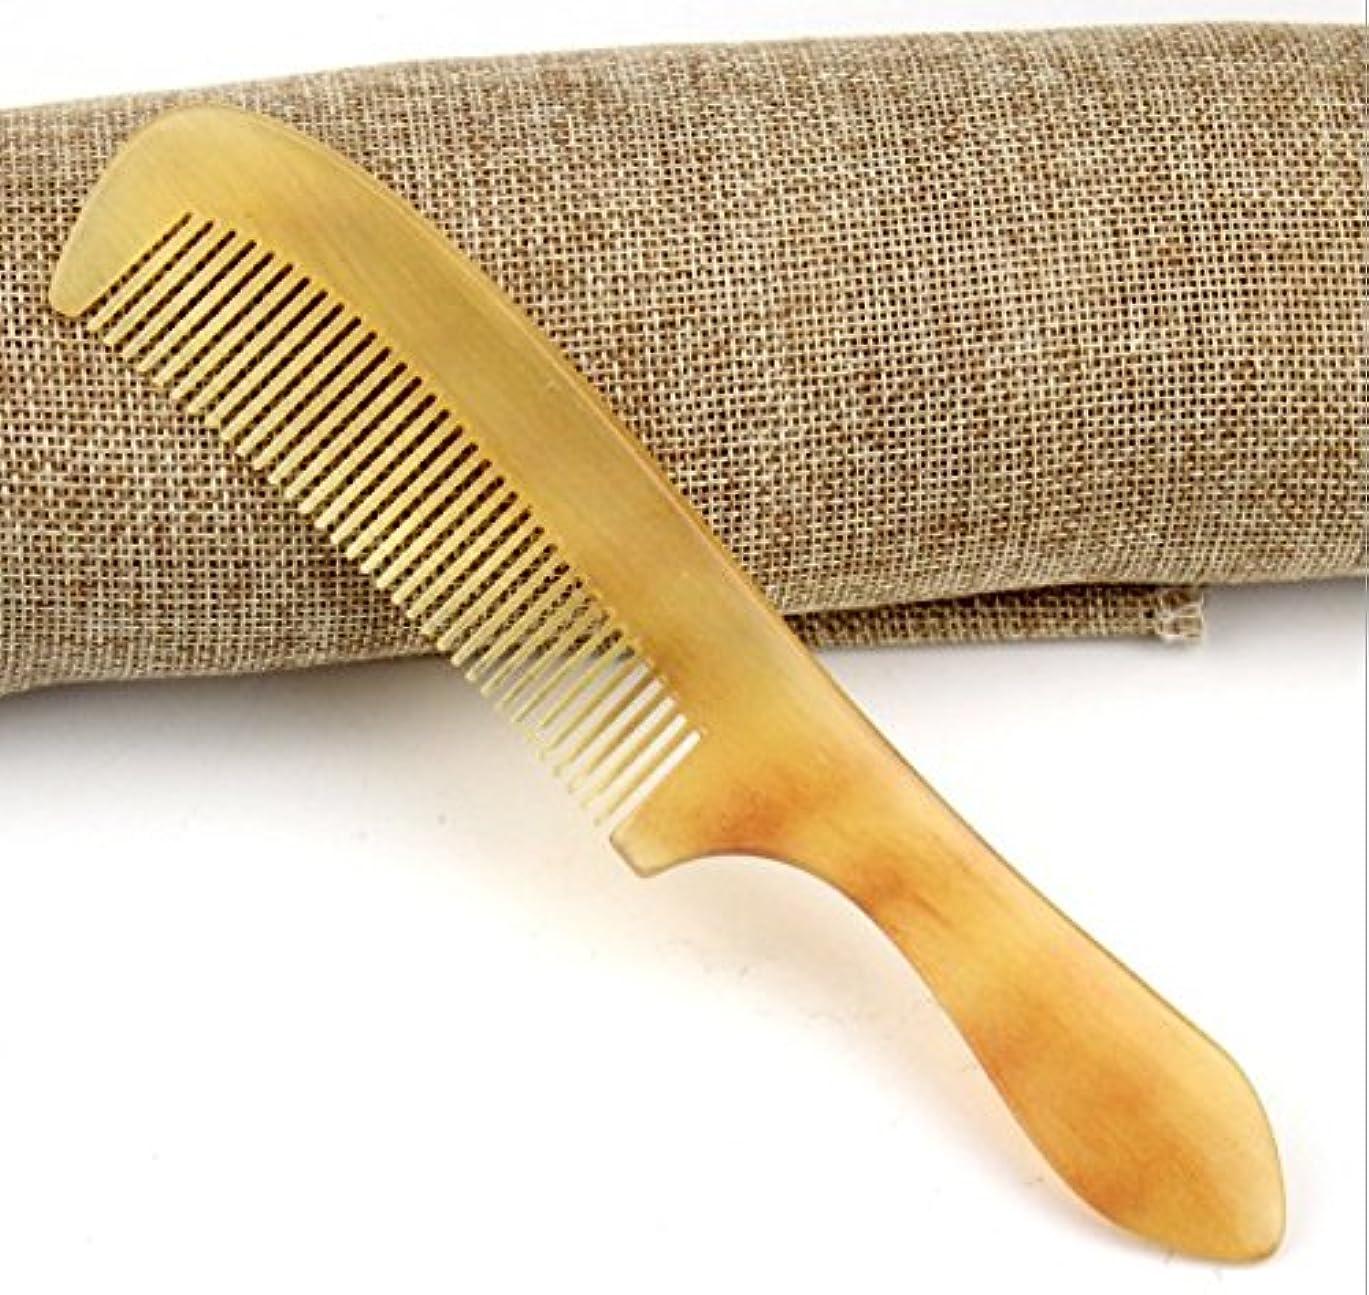 ハイジャックディプロマバウンス櫛型 羊角かっさプレート マサージ用 血行改善 高級 天然 静電気 防止 美髪